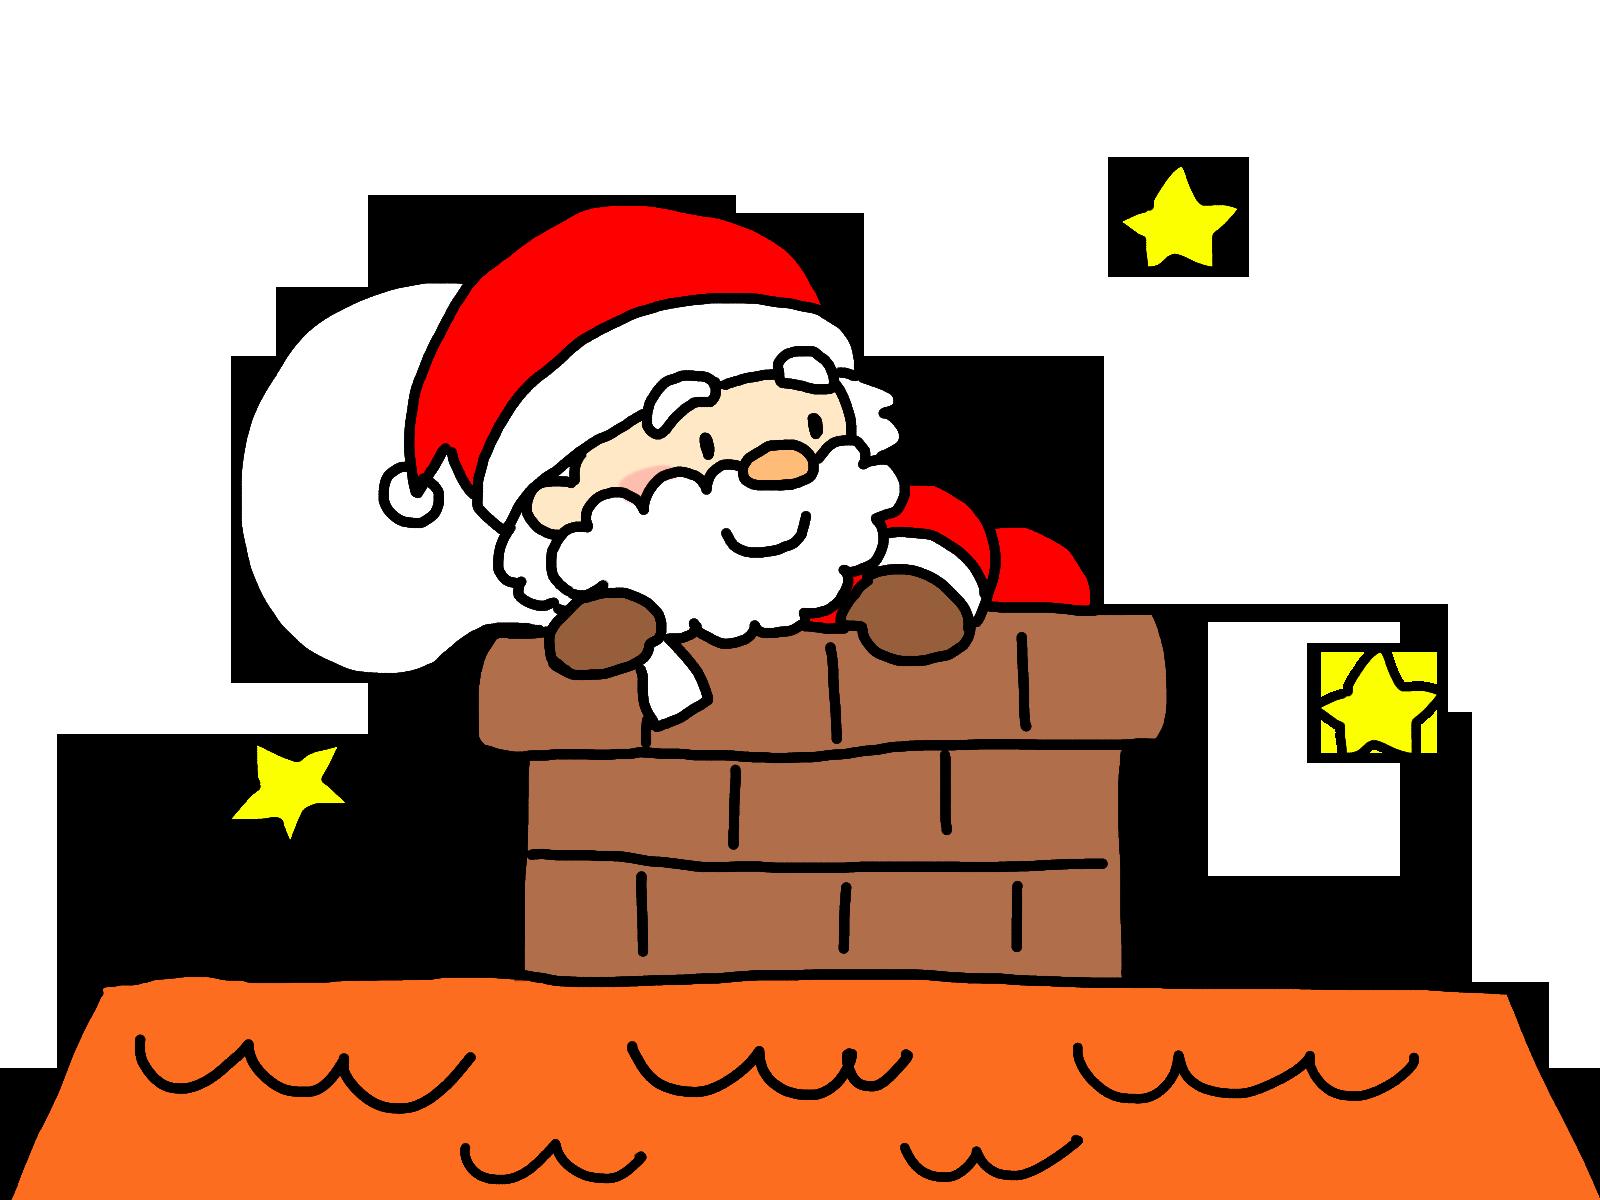 サンタからのプレゼントはいつ?どこに置く?それまでの隠し場所は?